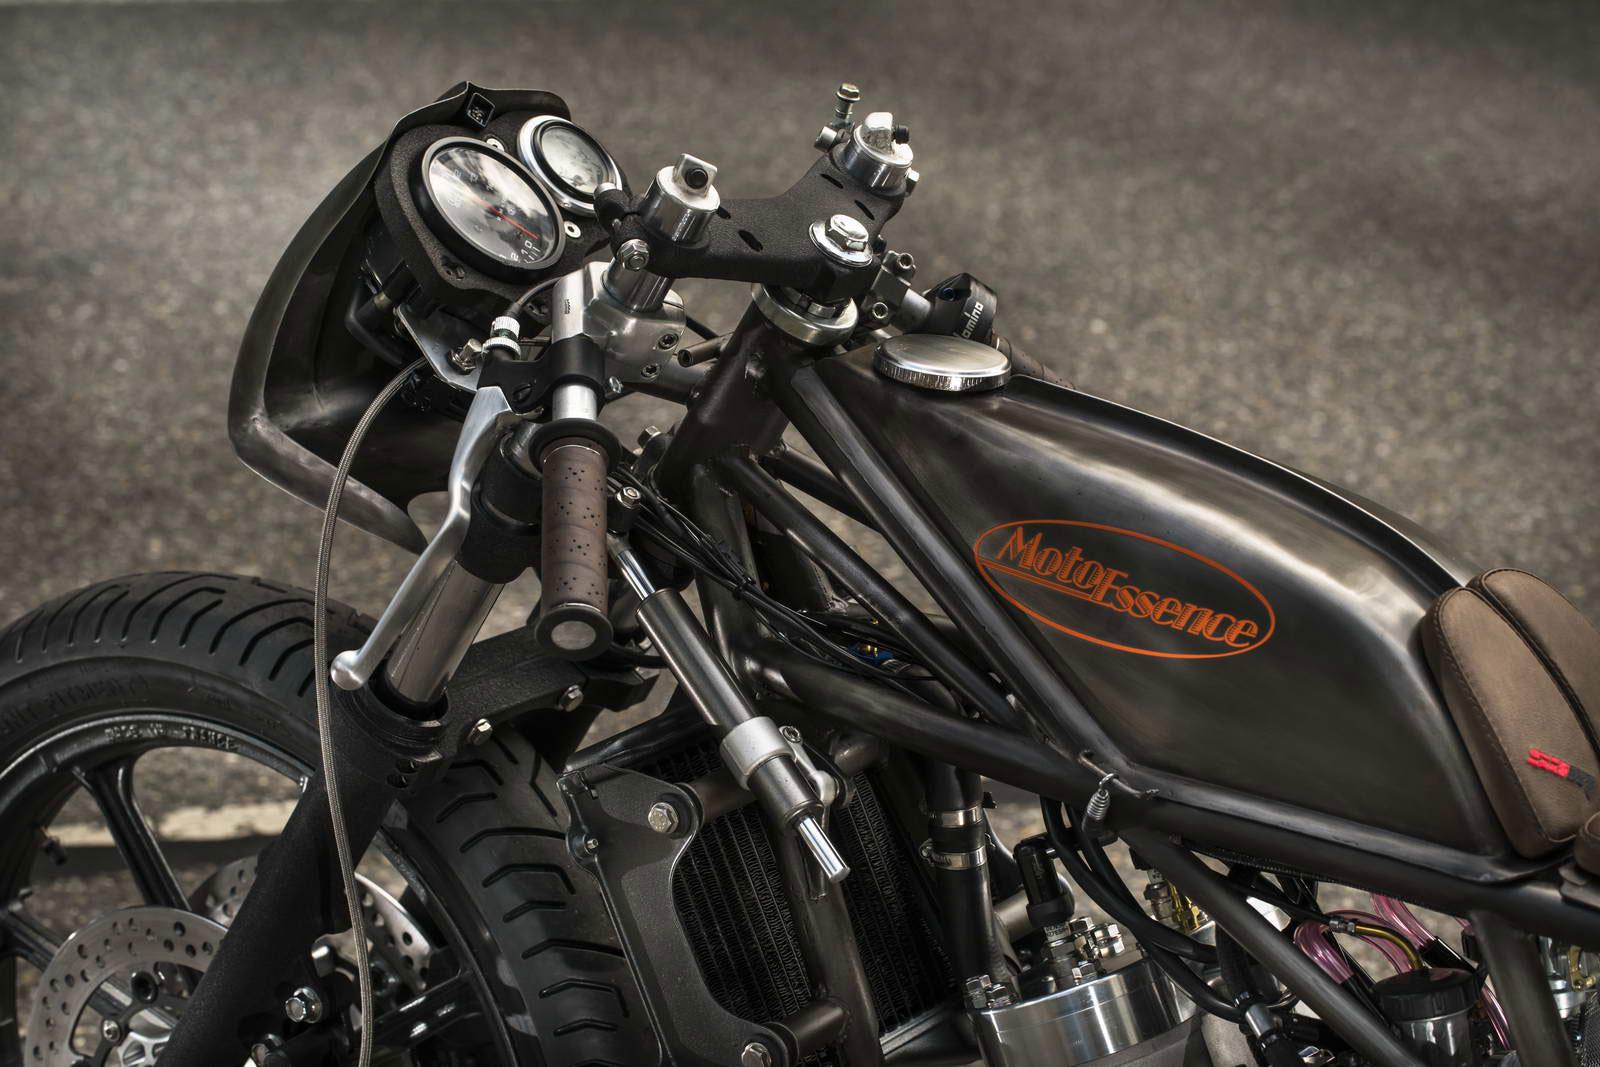 moto essence rd 350 031. Black Bedroom Furniture Sets. Home Design Ideas